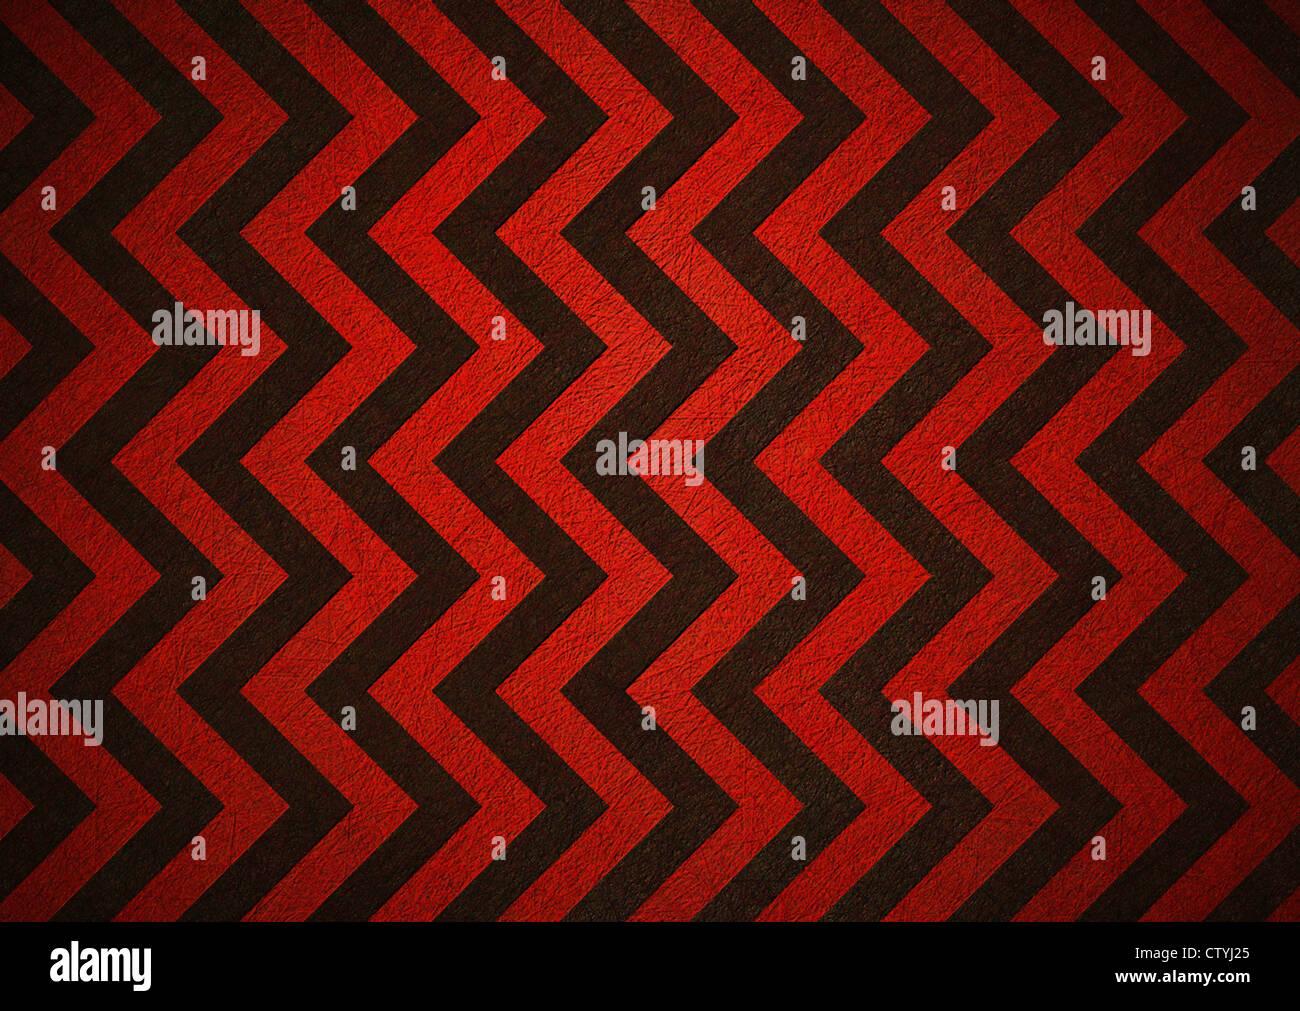 schwarzen und roten Retro-Hintergrund von Chevron Streifenmuster Stockbild